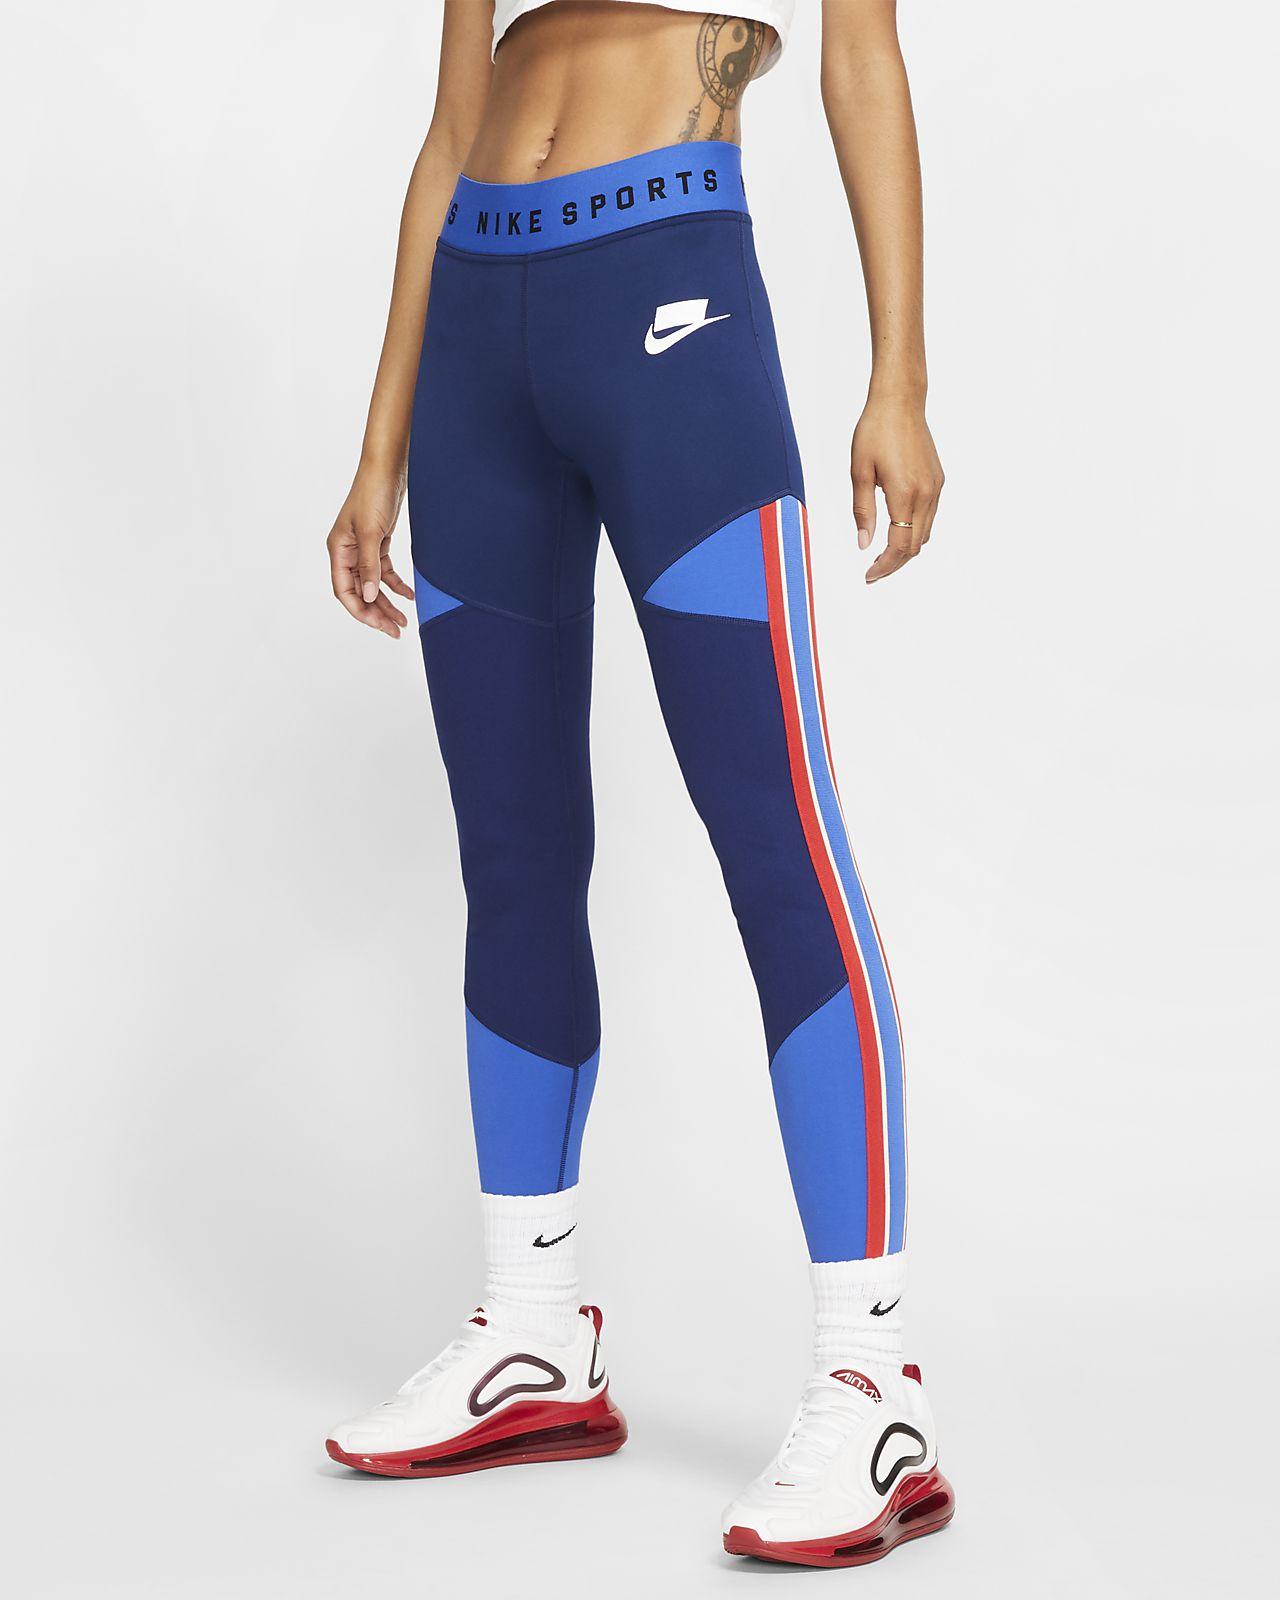 Nike Sportswear NSW Damen-Leggings mit Grafik